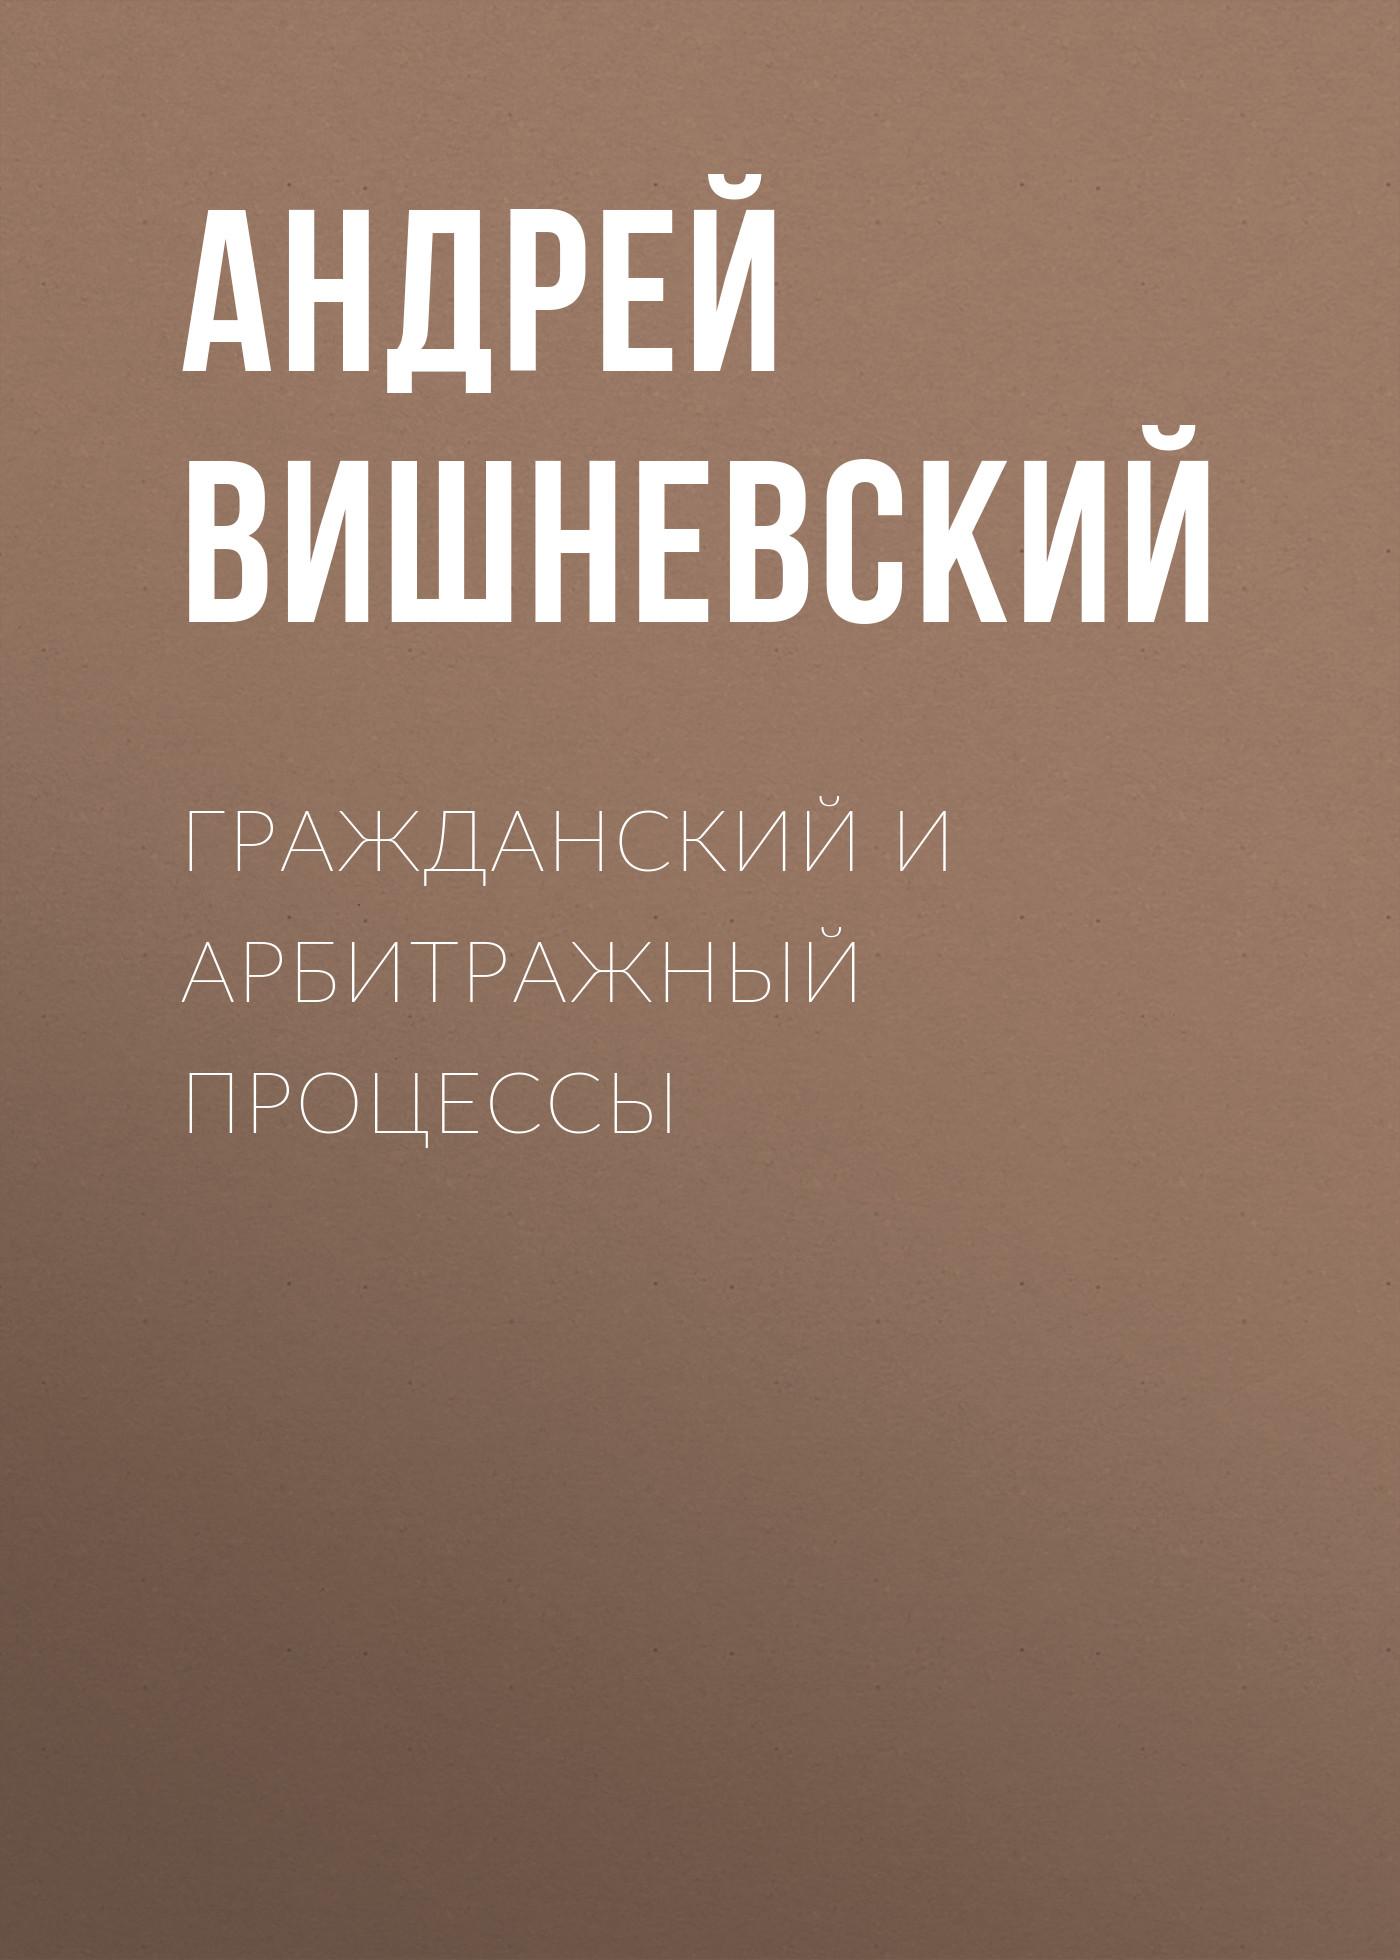 Андрей Вишневский Гражданский и арбитражный процессы сергей струнков процессуальные документы по арбитражному процессу с комментариями